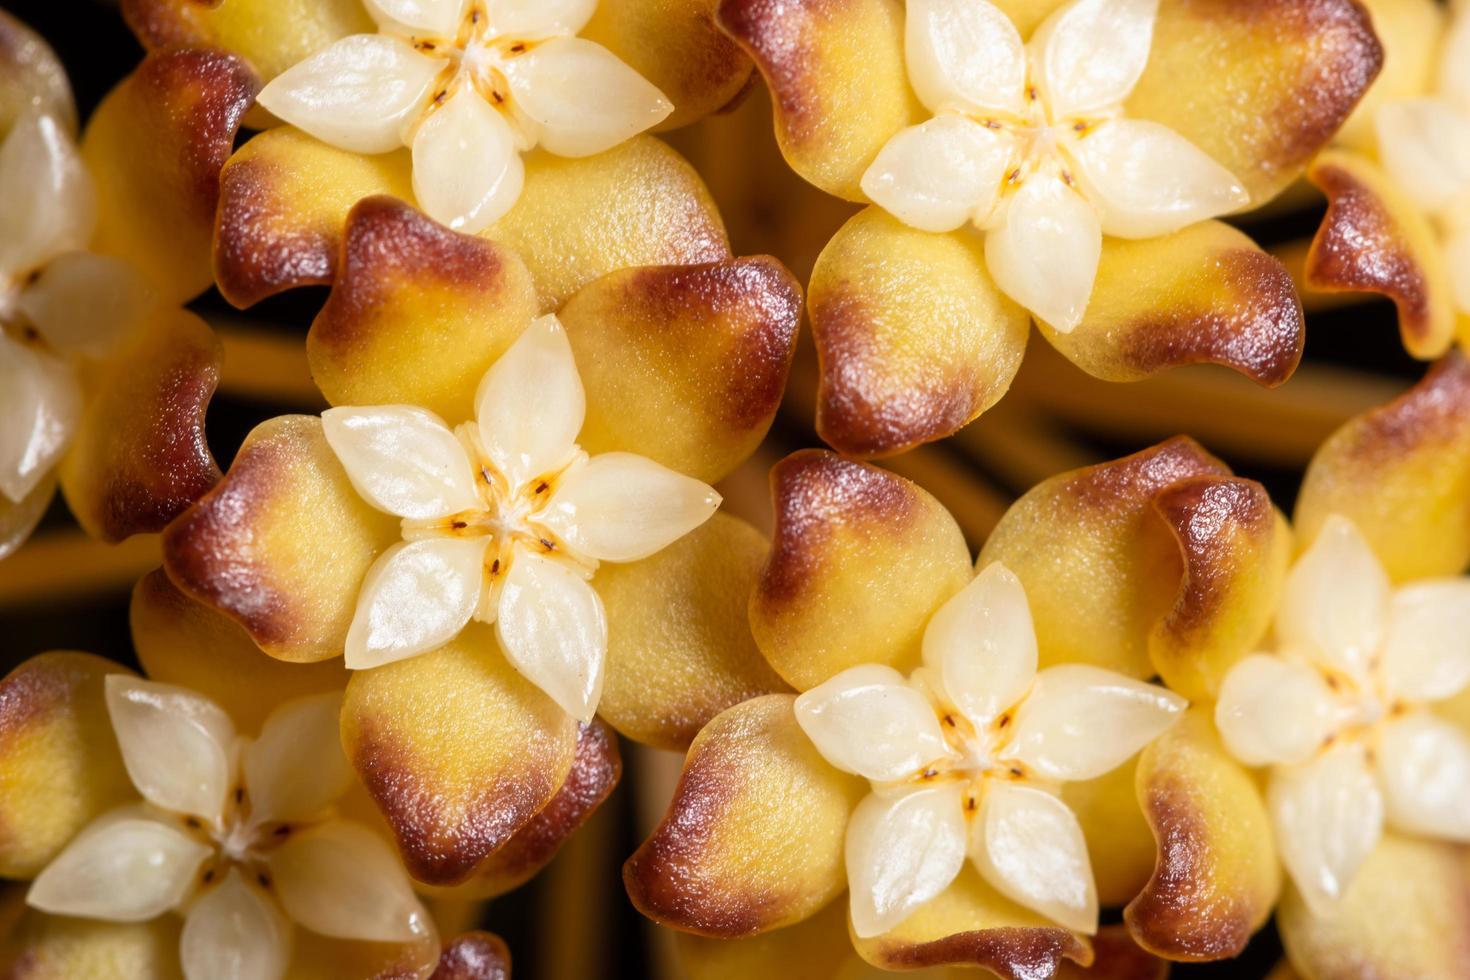 Hoya flower close-up photo